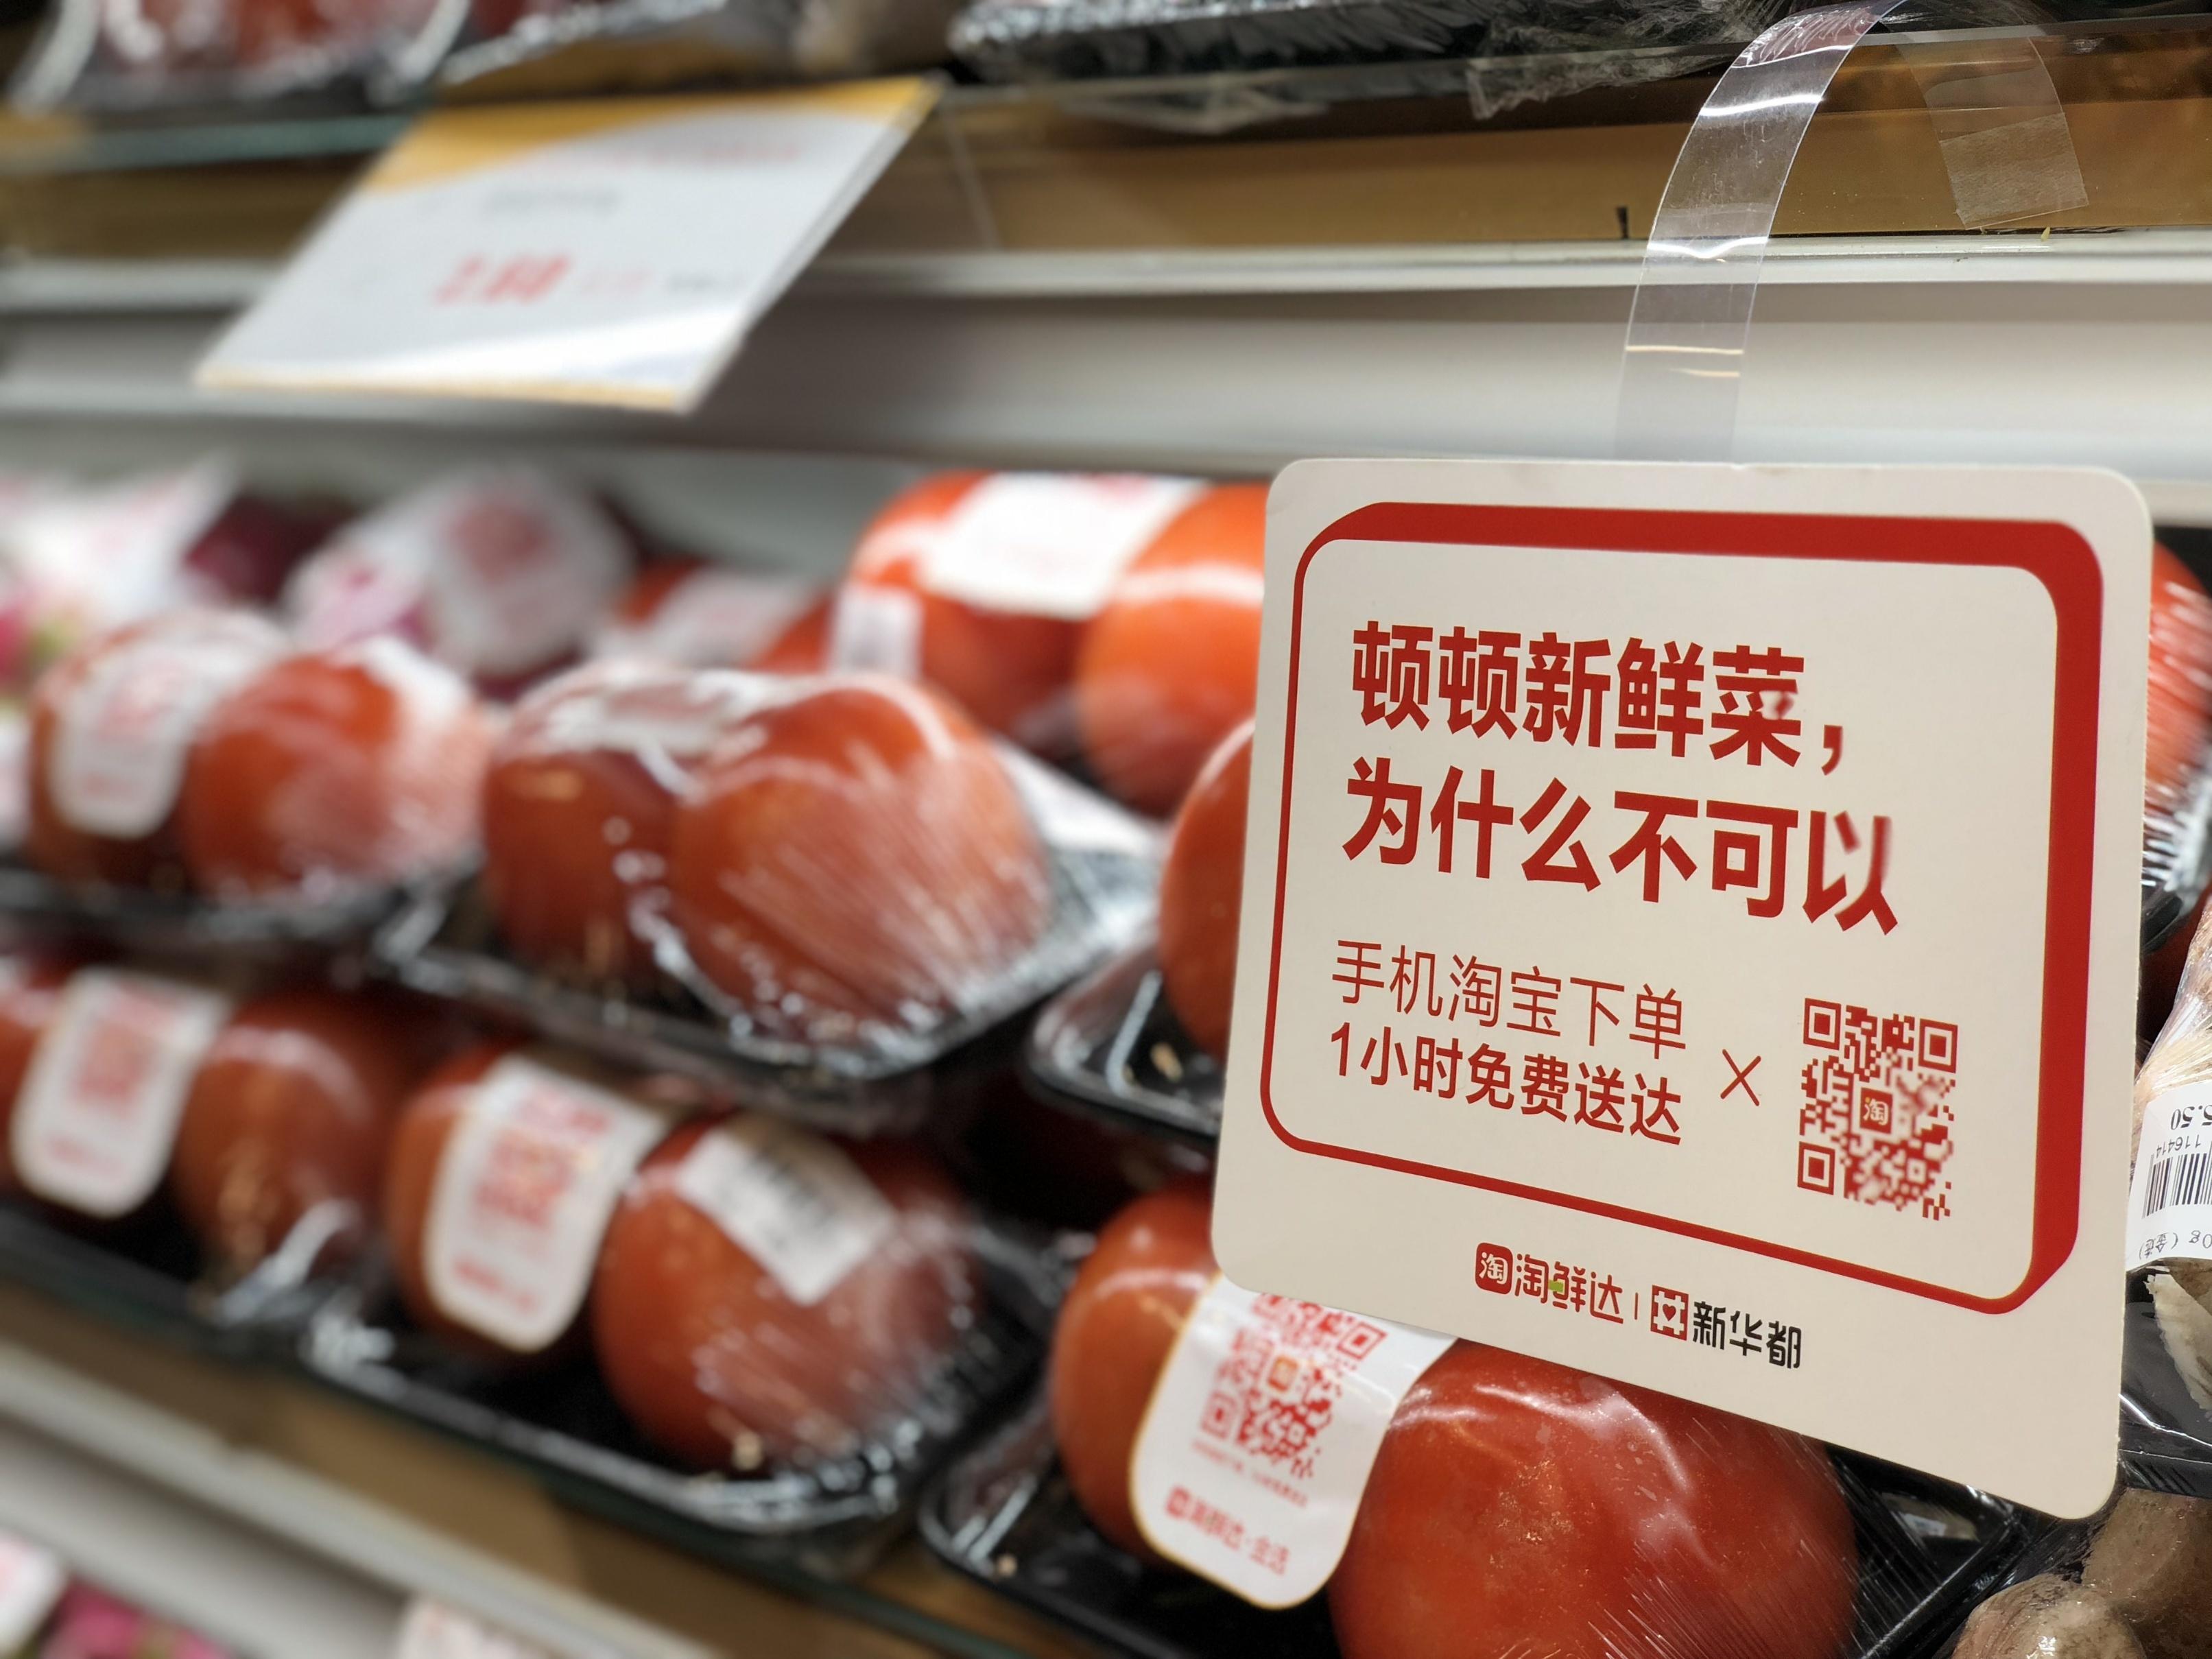 厦门11家超市接入淘鲜达 淘宝上买菜一小时可送达